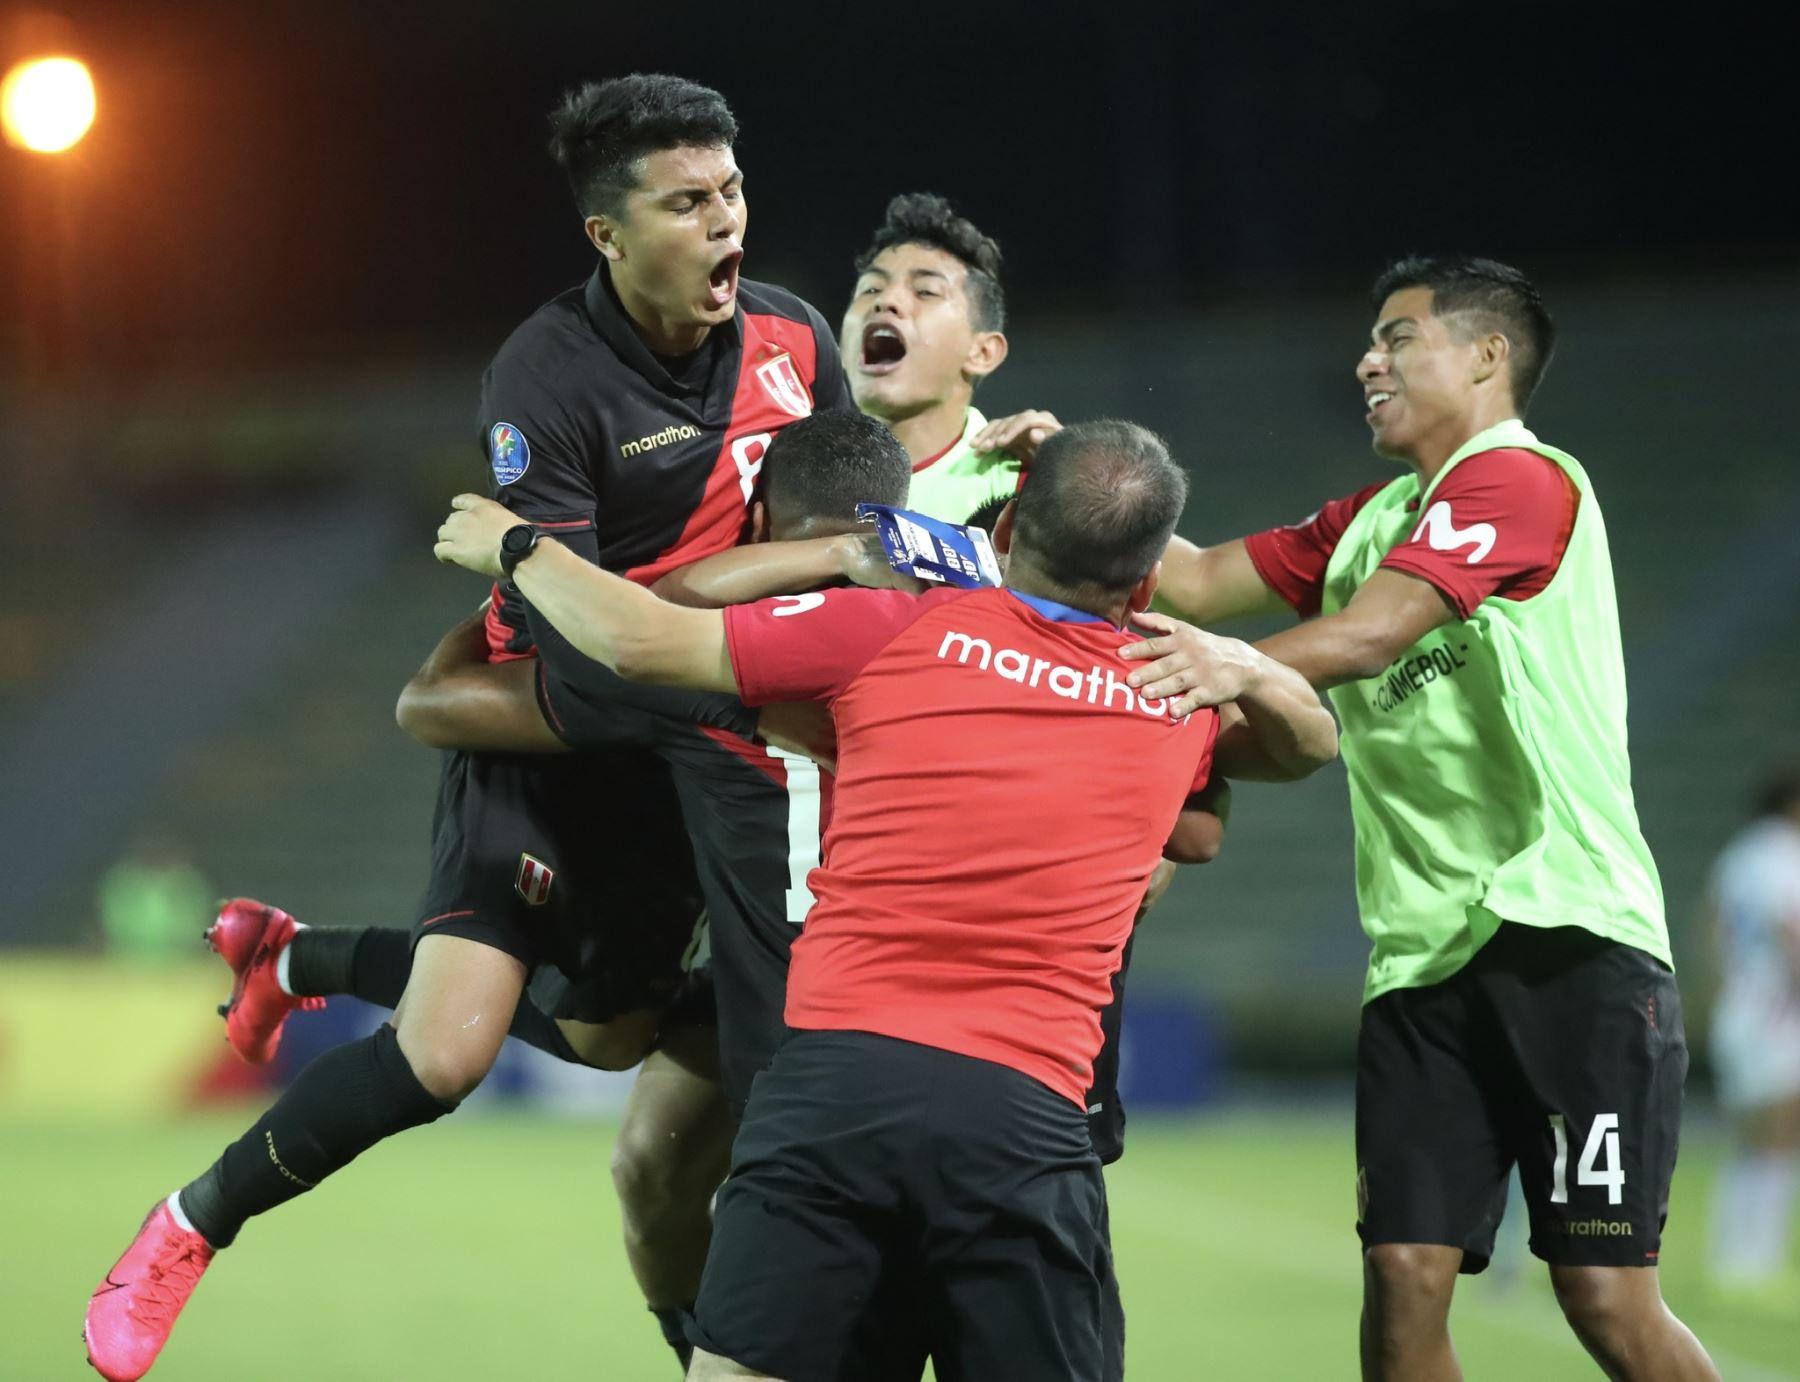 La selección peruana sigue en la lucha por el cupo olímpico